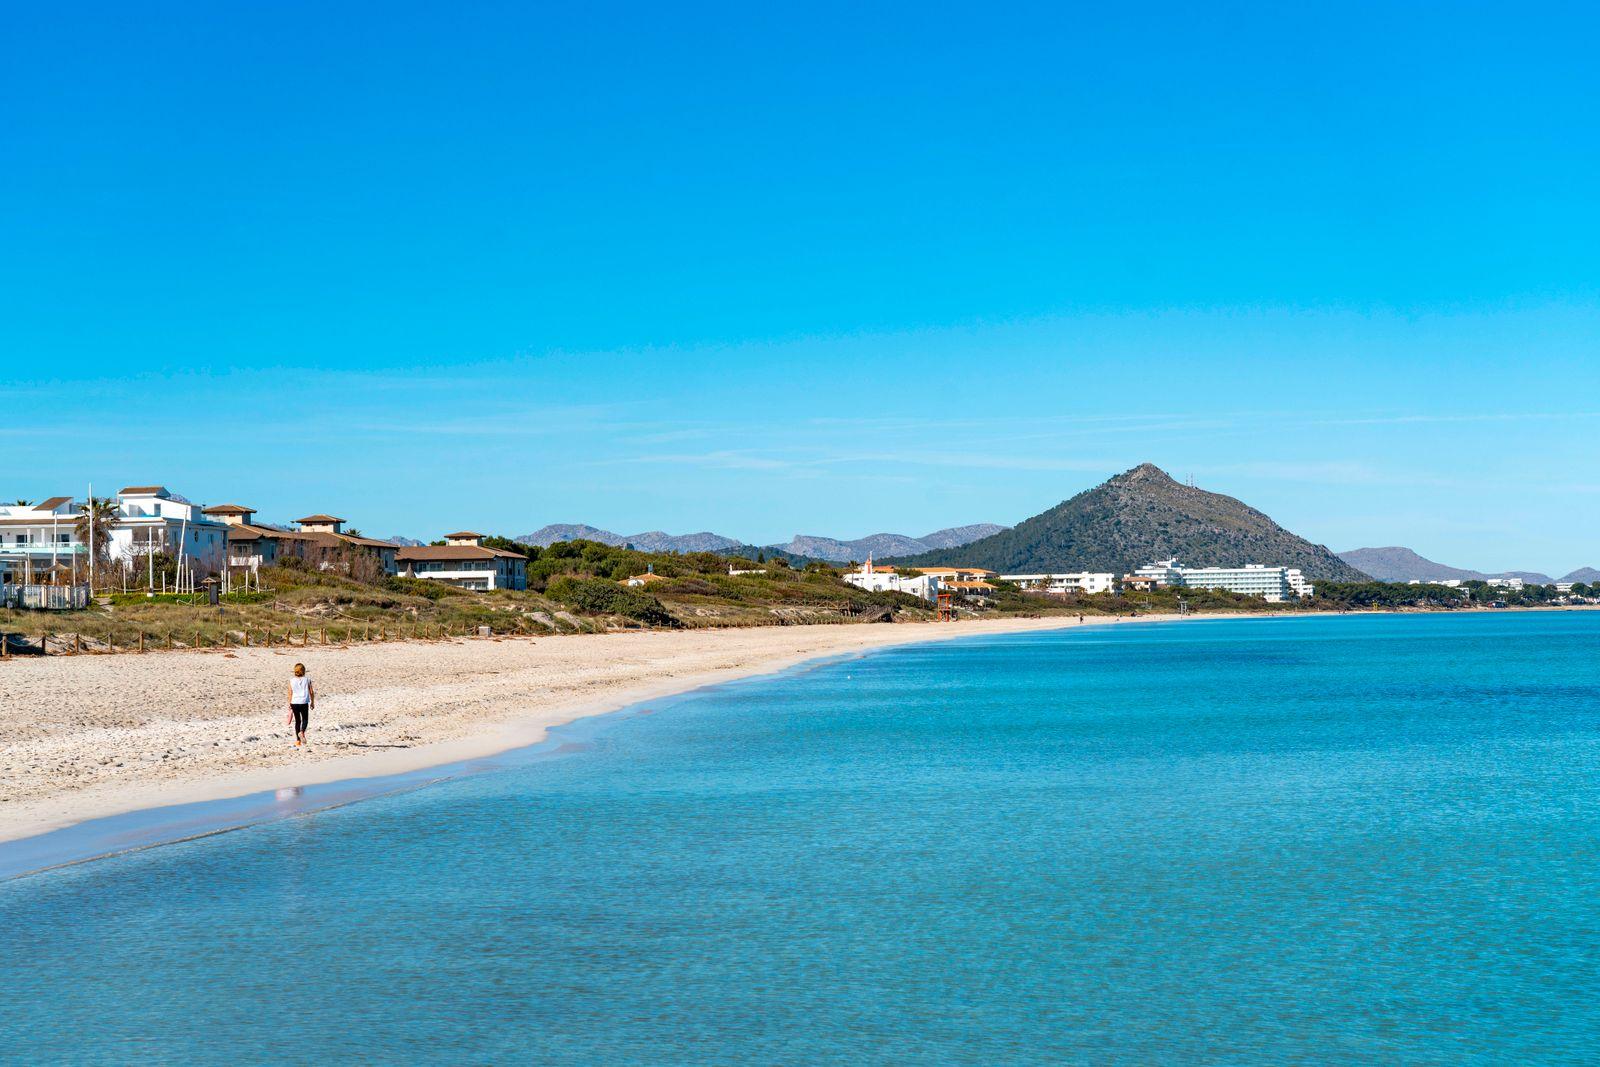 Bucht von Alcudia, Platja de Muro, Strand von Muro, Mallorca, Balearen, Spanien, Mallorca *** Bay of Alcudia, Platja de